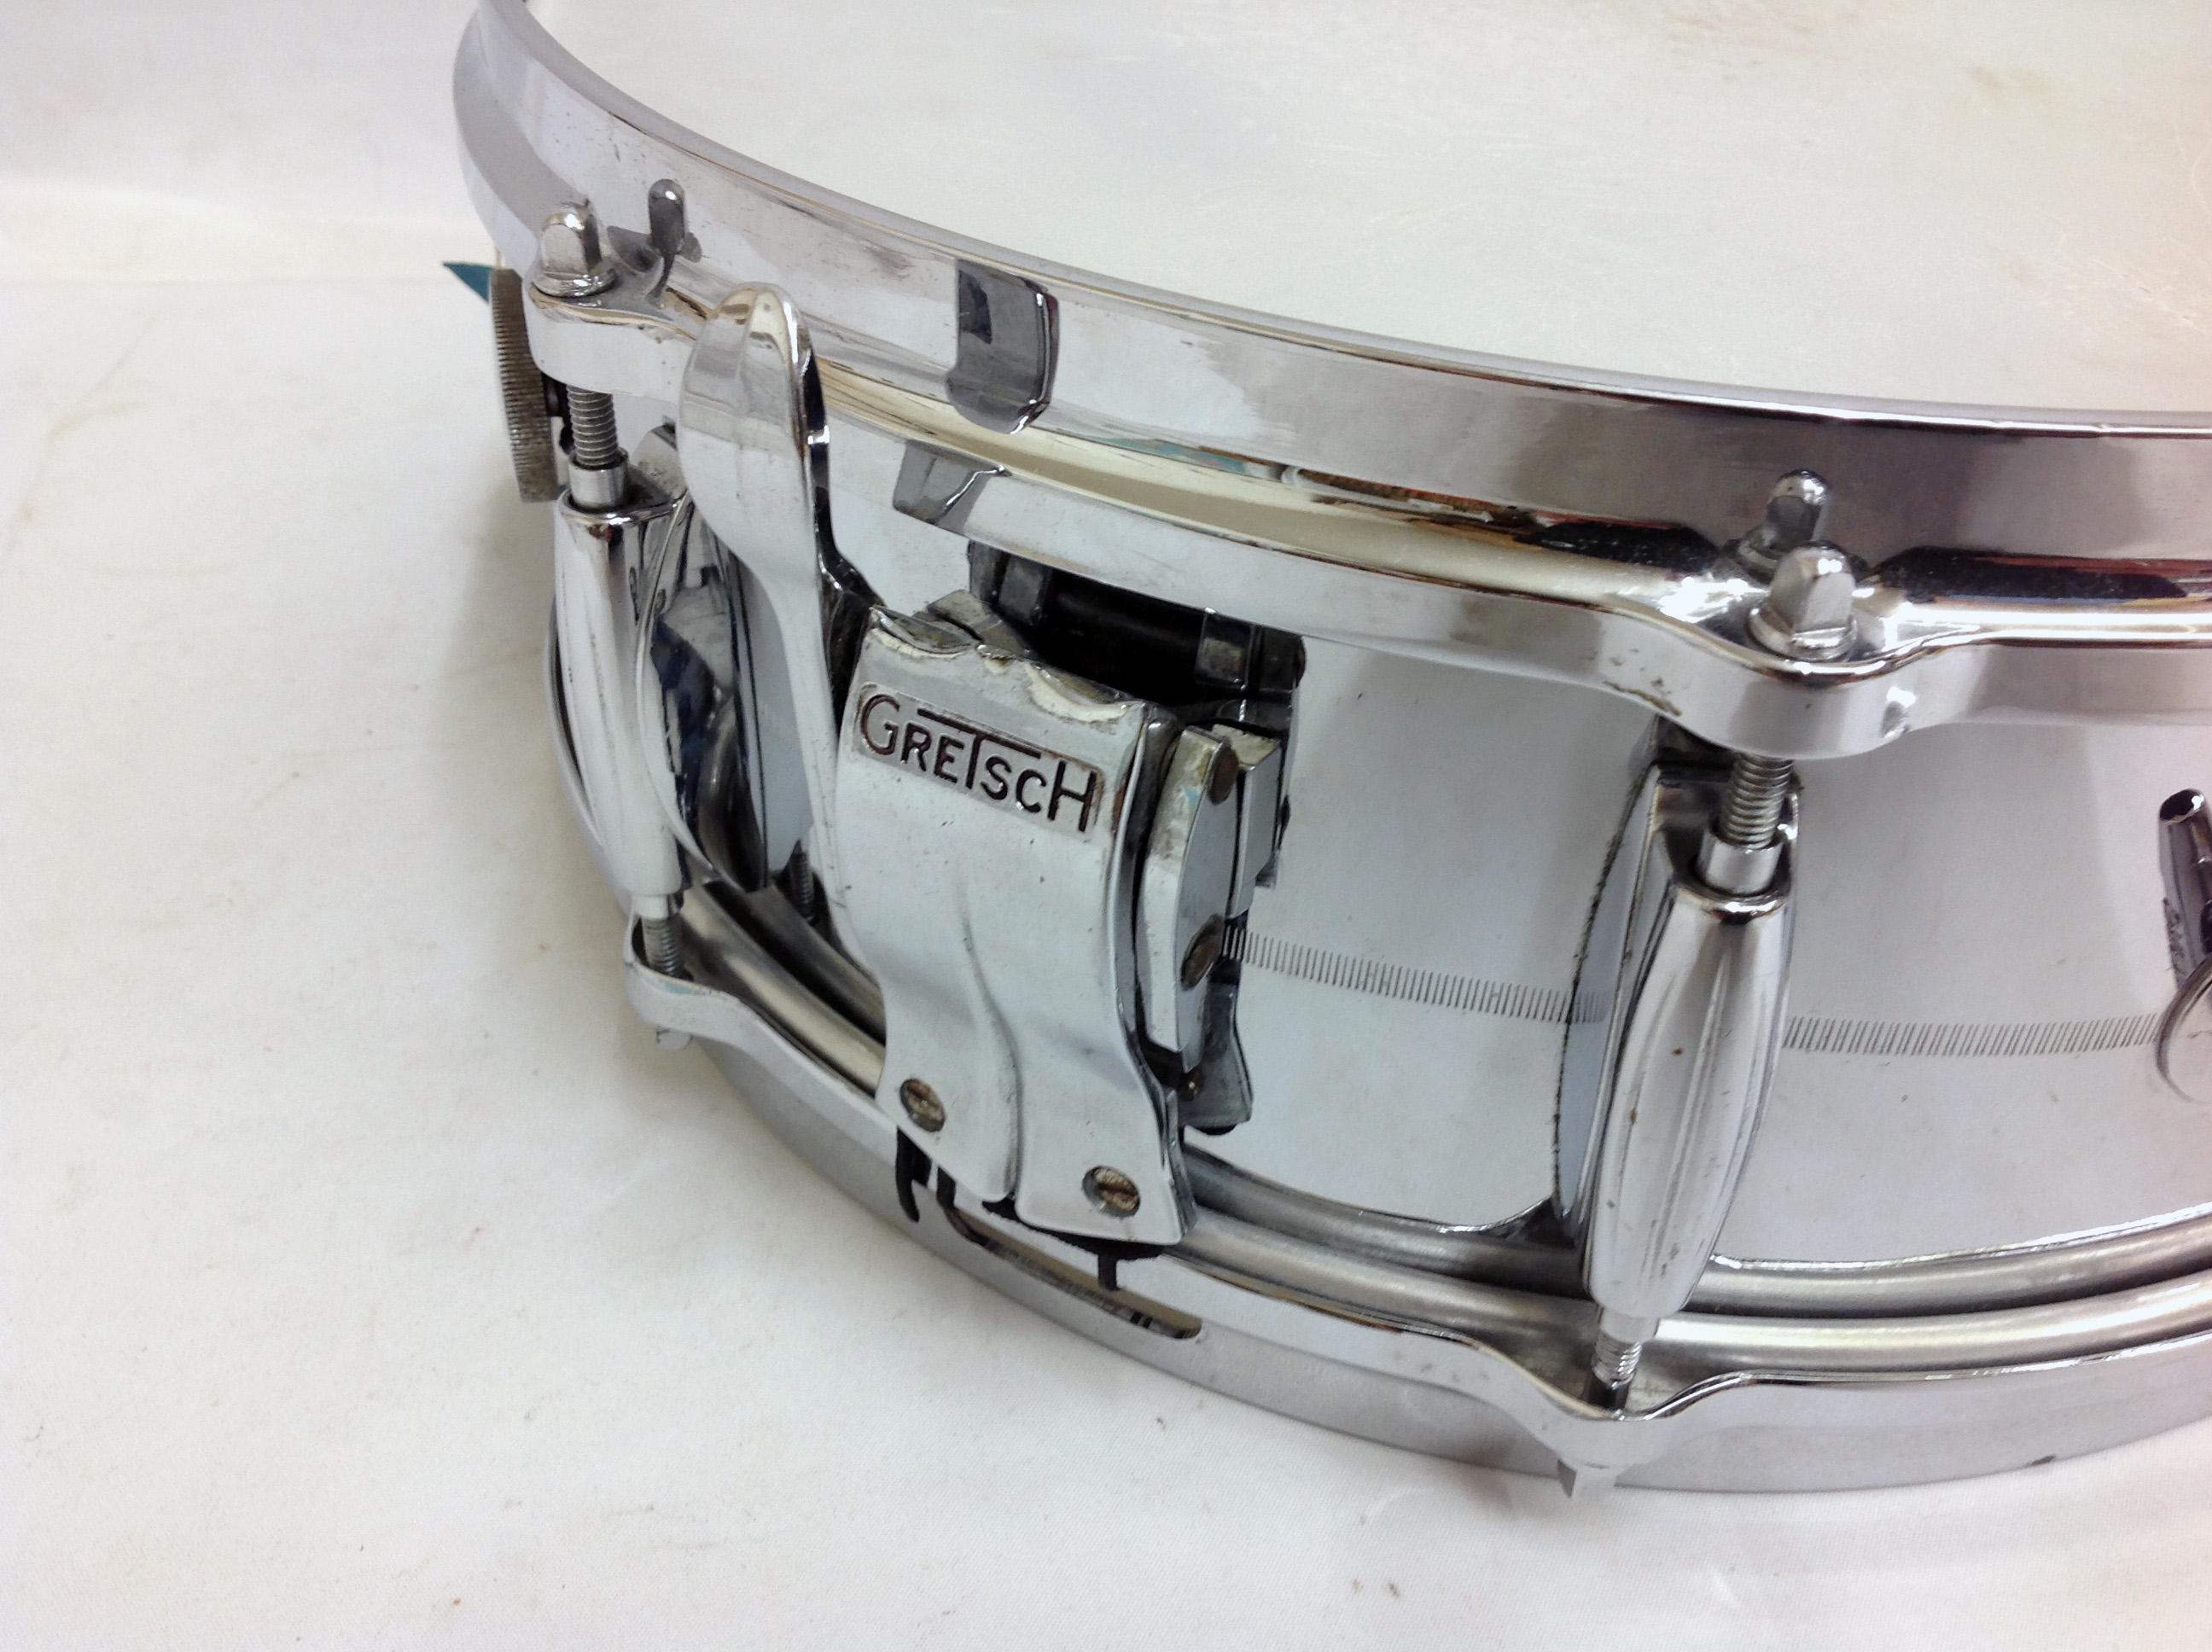 gretsch 4160 snare drum vintage drums legendary sounds. Black Bedroom Furniture Sets. Home Design Ideas